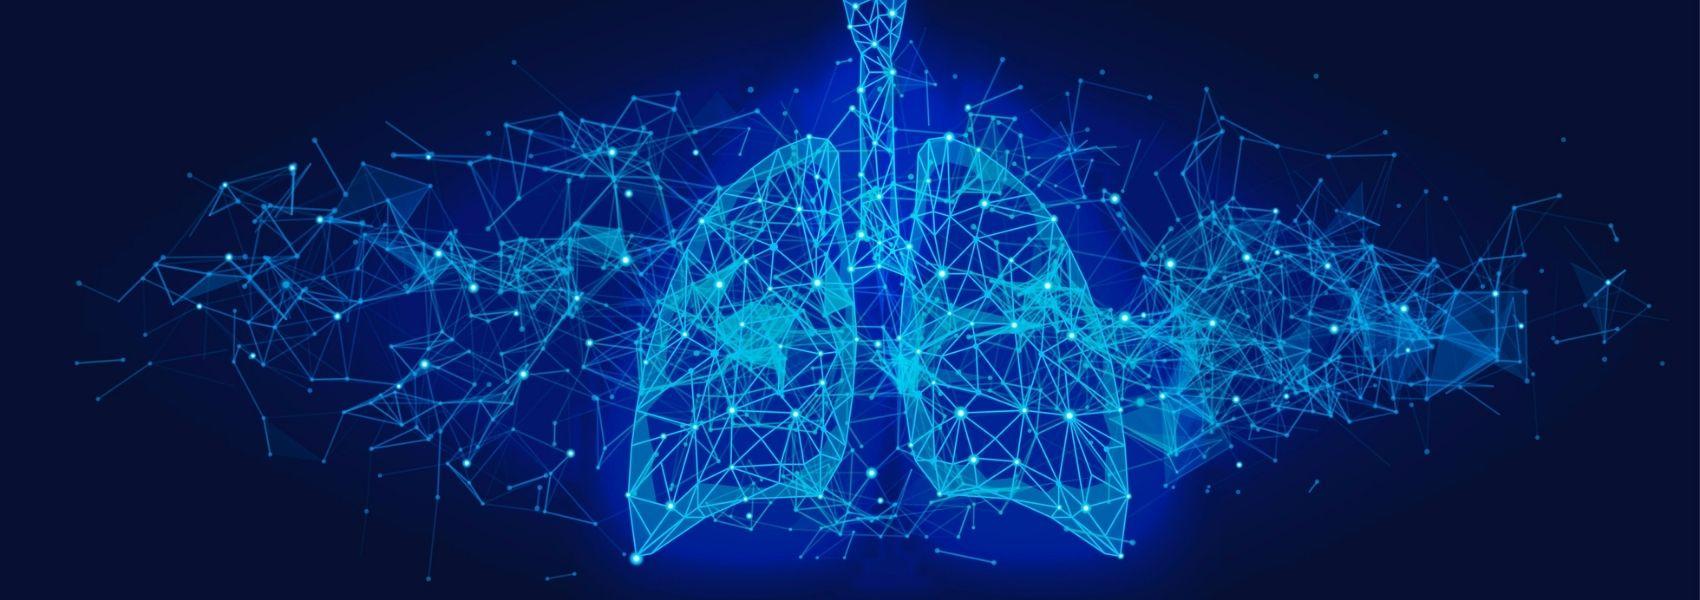 Especialistas identificam mecanismo da pieira, que pode melhorar o diagnóstico das doenças pulmonares